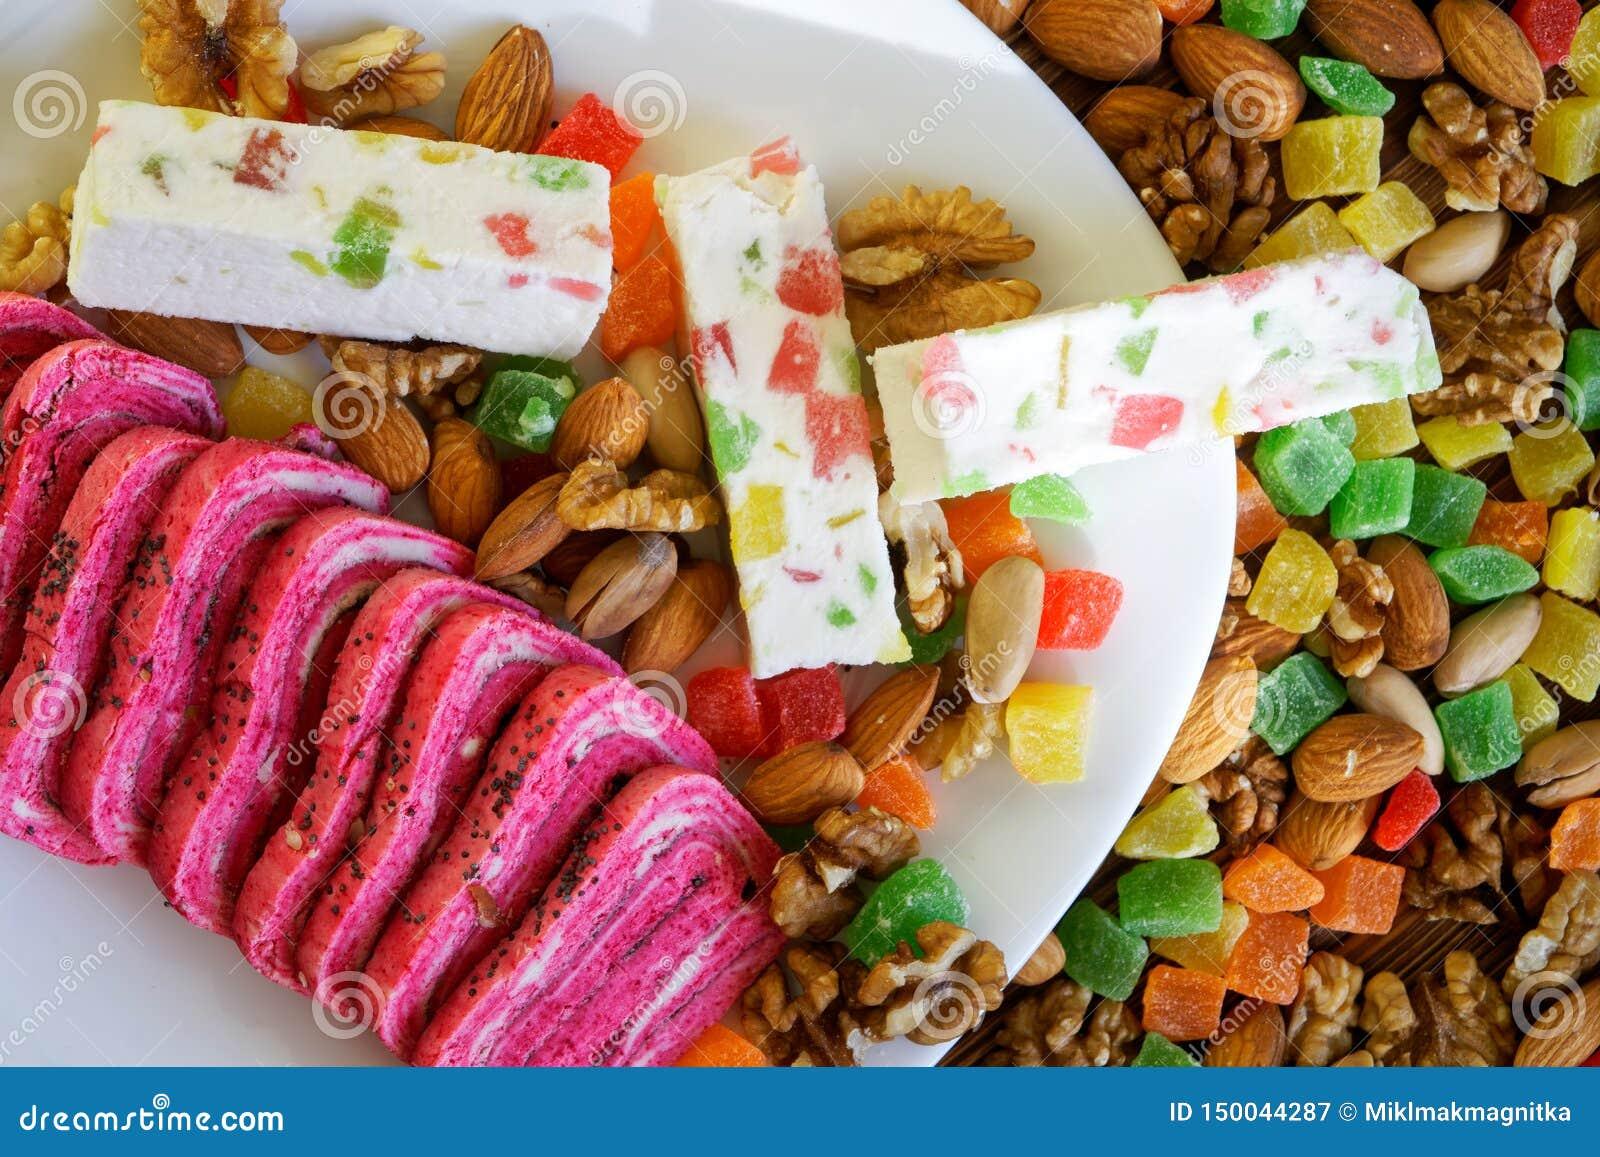 阿拉伯甜点:异常的桃红色halva和白色喉片在脯、开心果、杏仁和核桃旁边 全国东方人